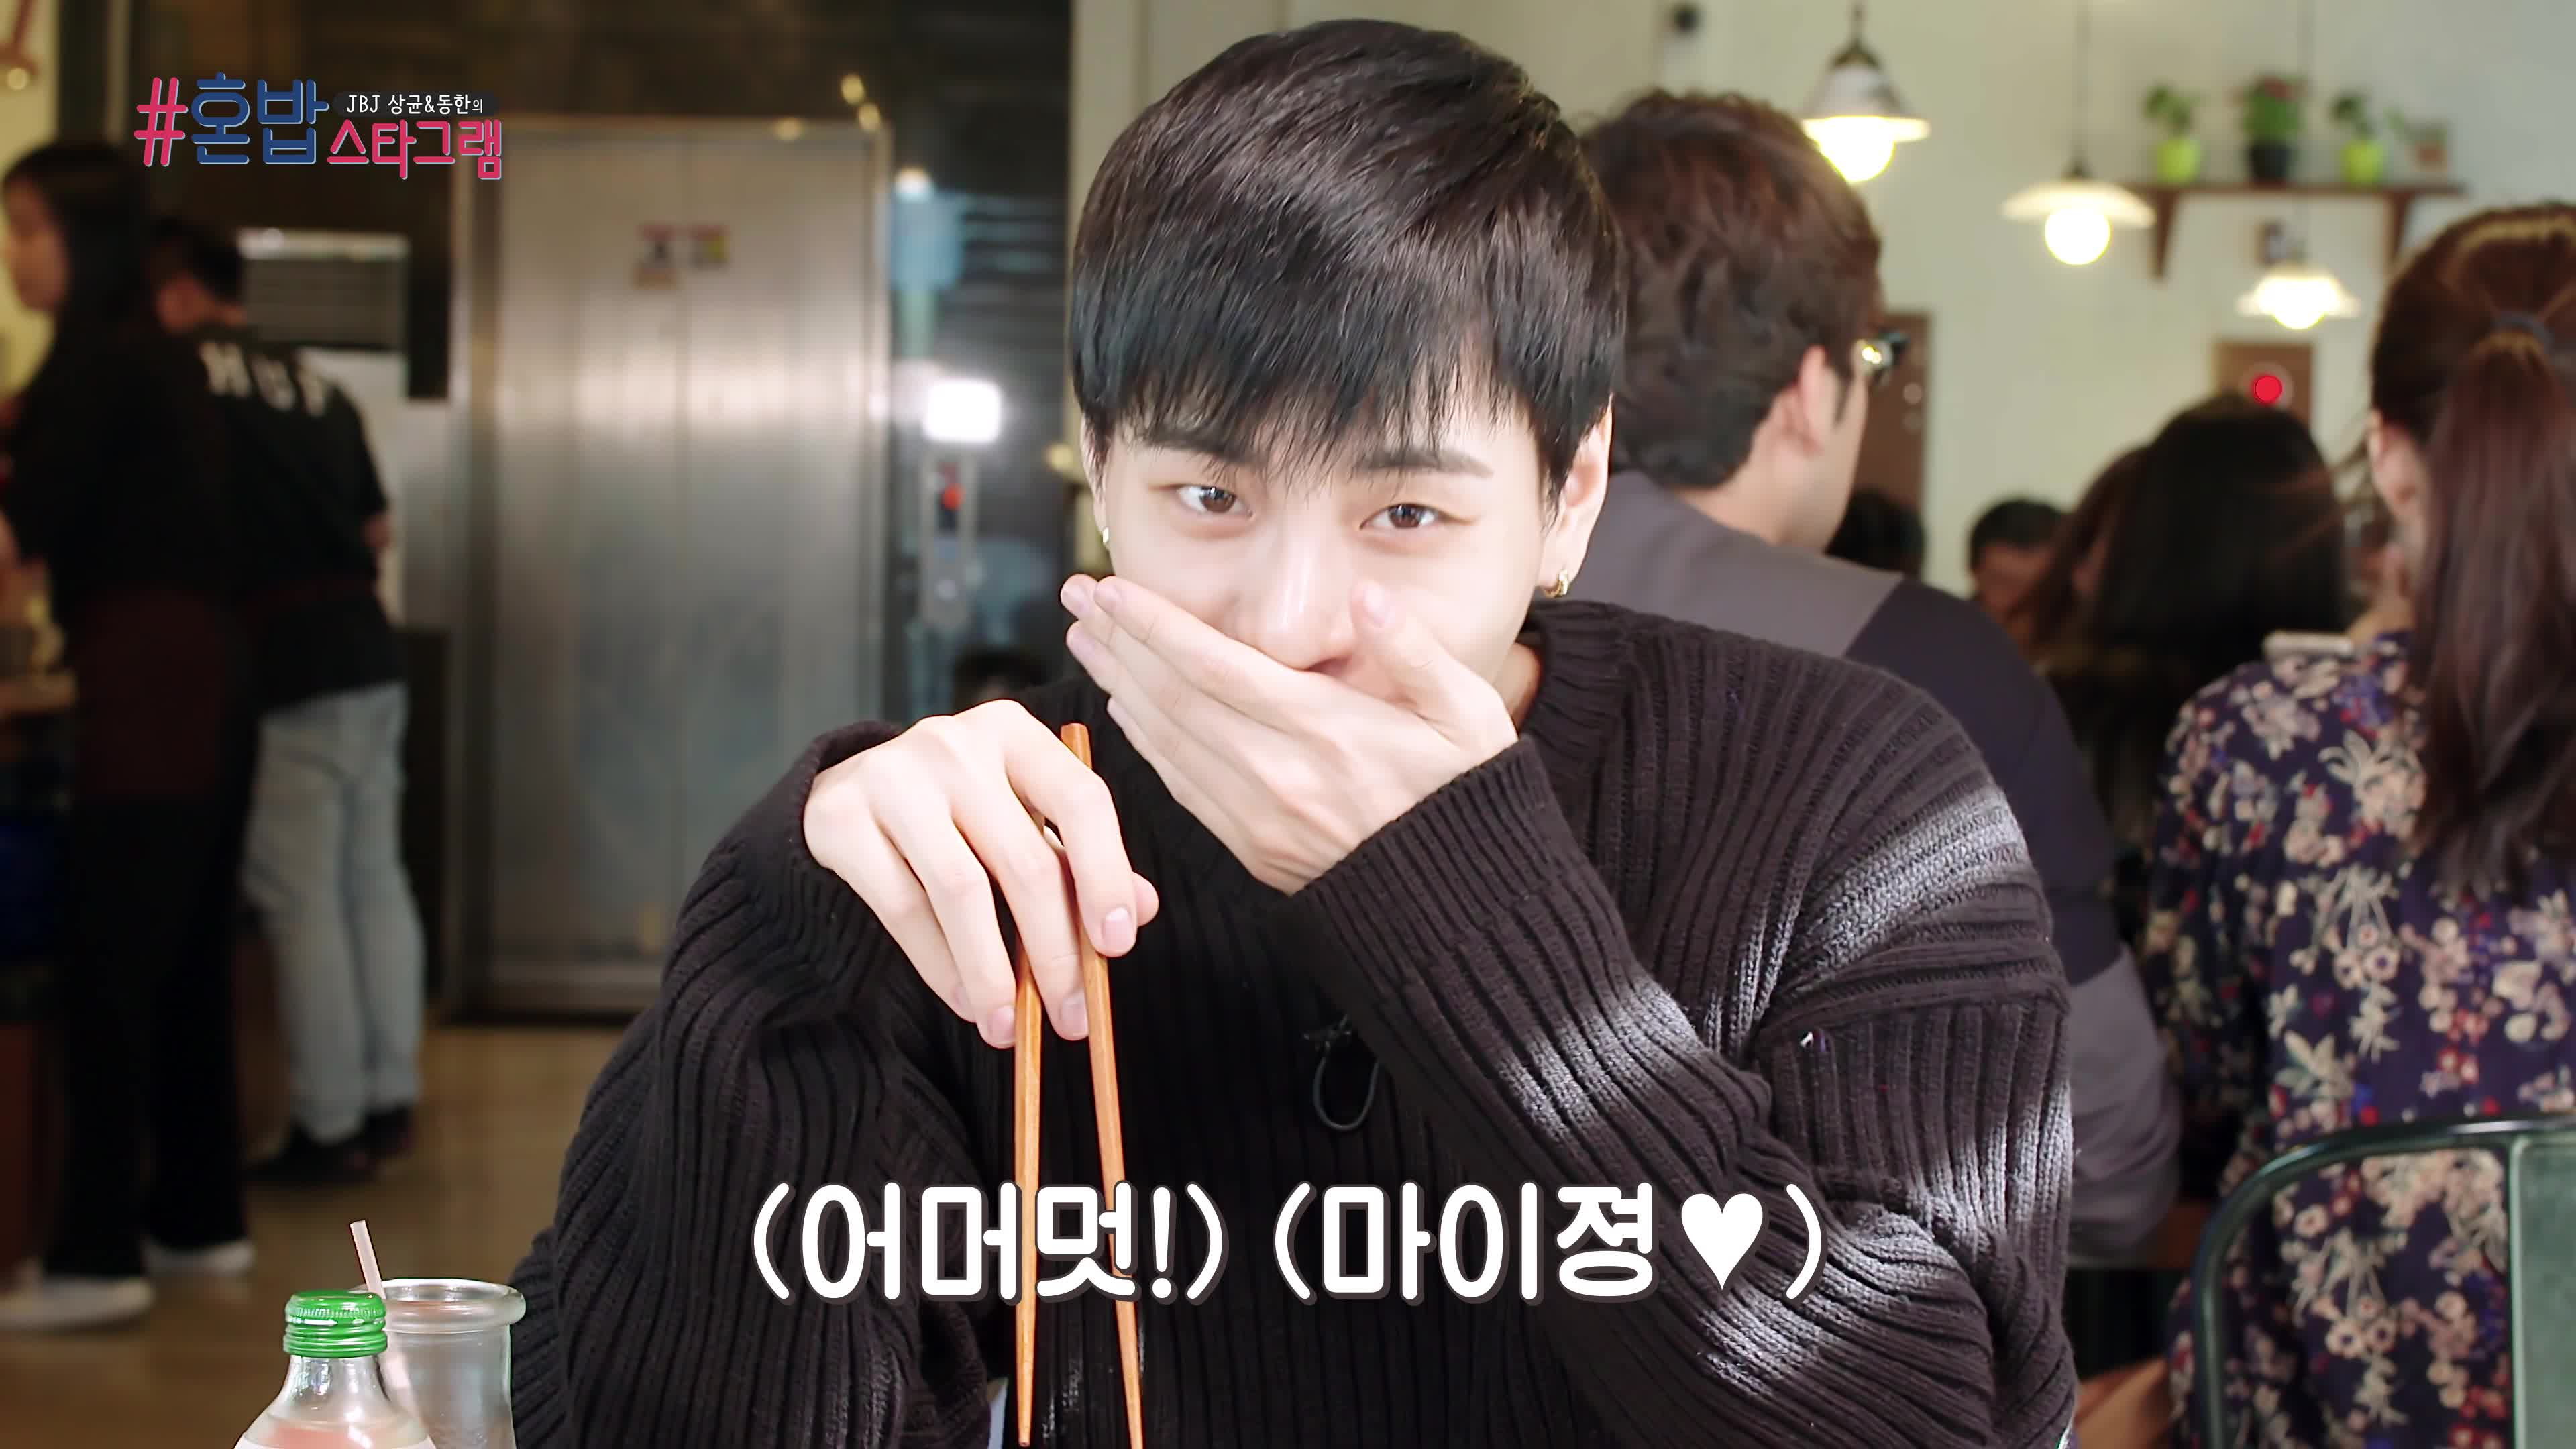 [혼밥스타그램 3회 예고] 네버엔딩 먹방! 마이졍!😋